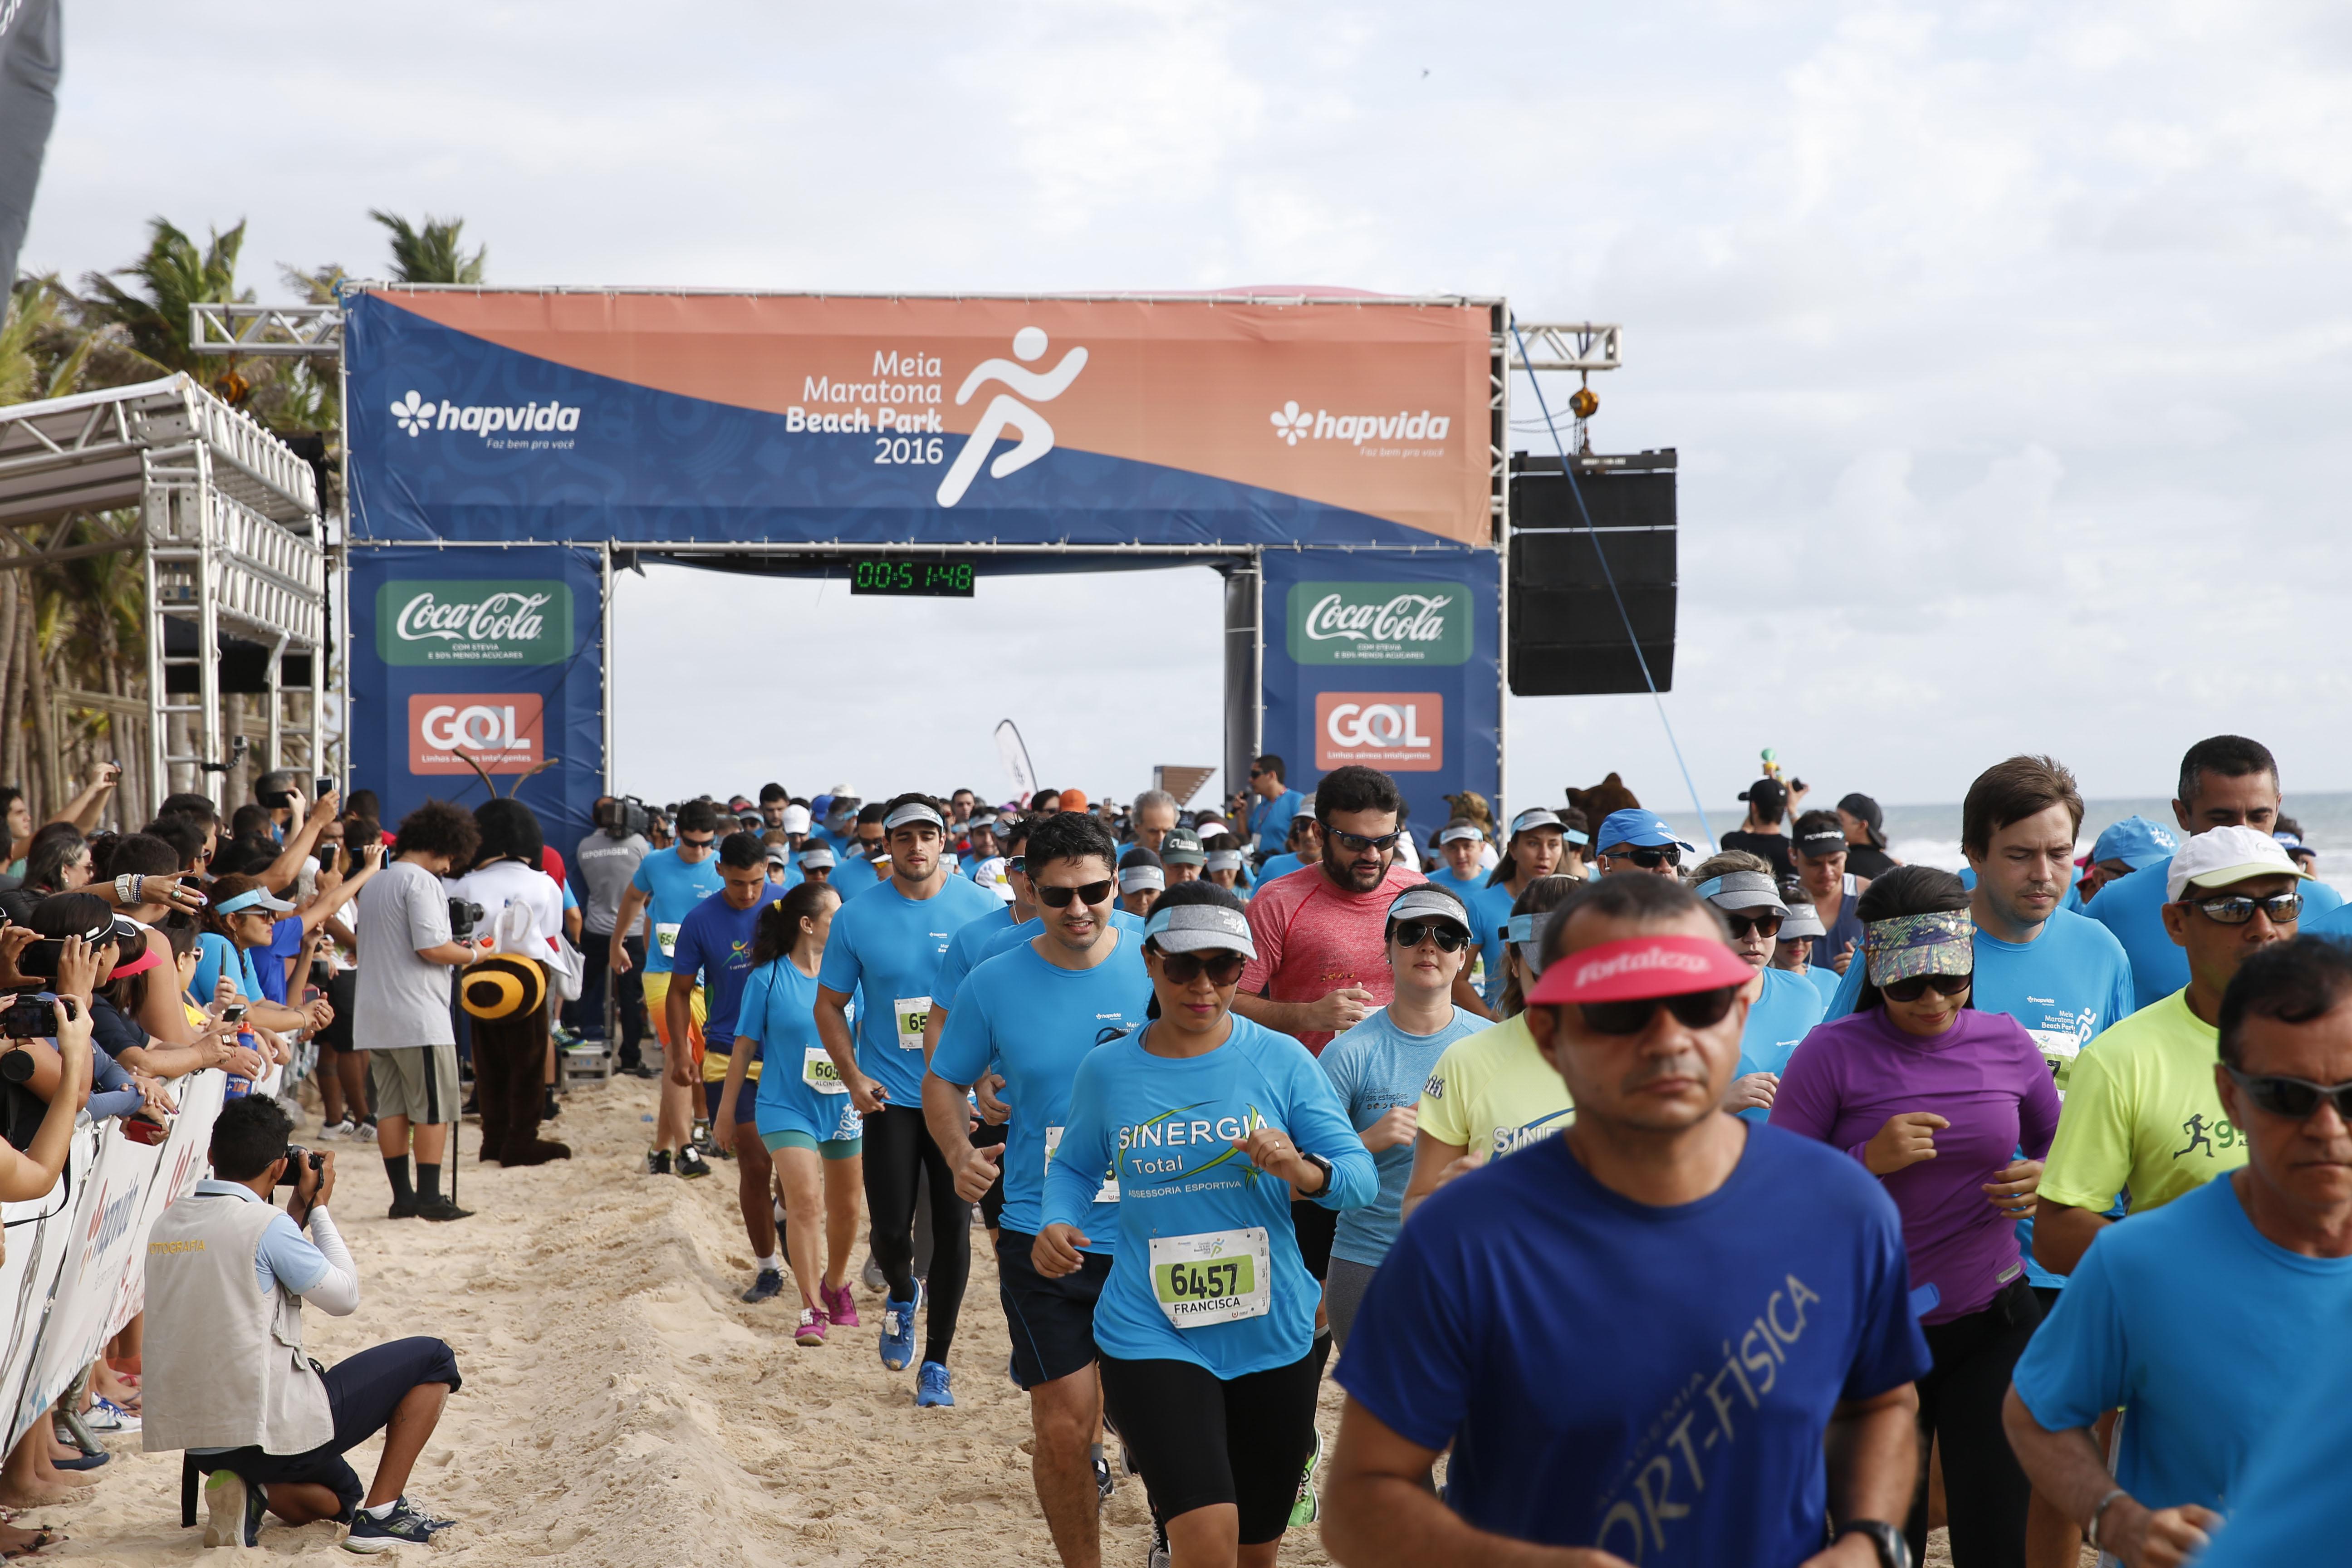 O campeão do vôlei Giba e a musa fitness Gabriela Pugliesi prestigiaram a Meia Maratona. Foto: Felipe Panfili